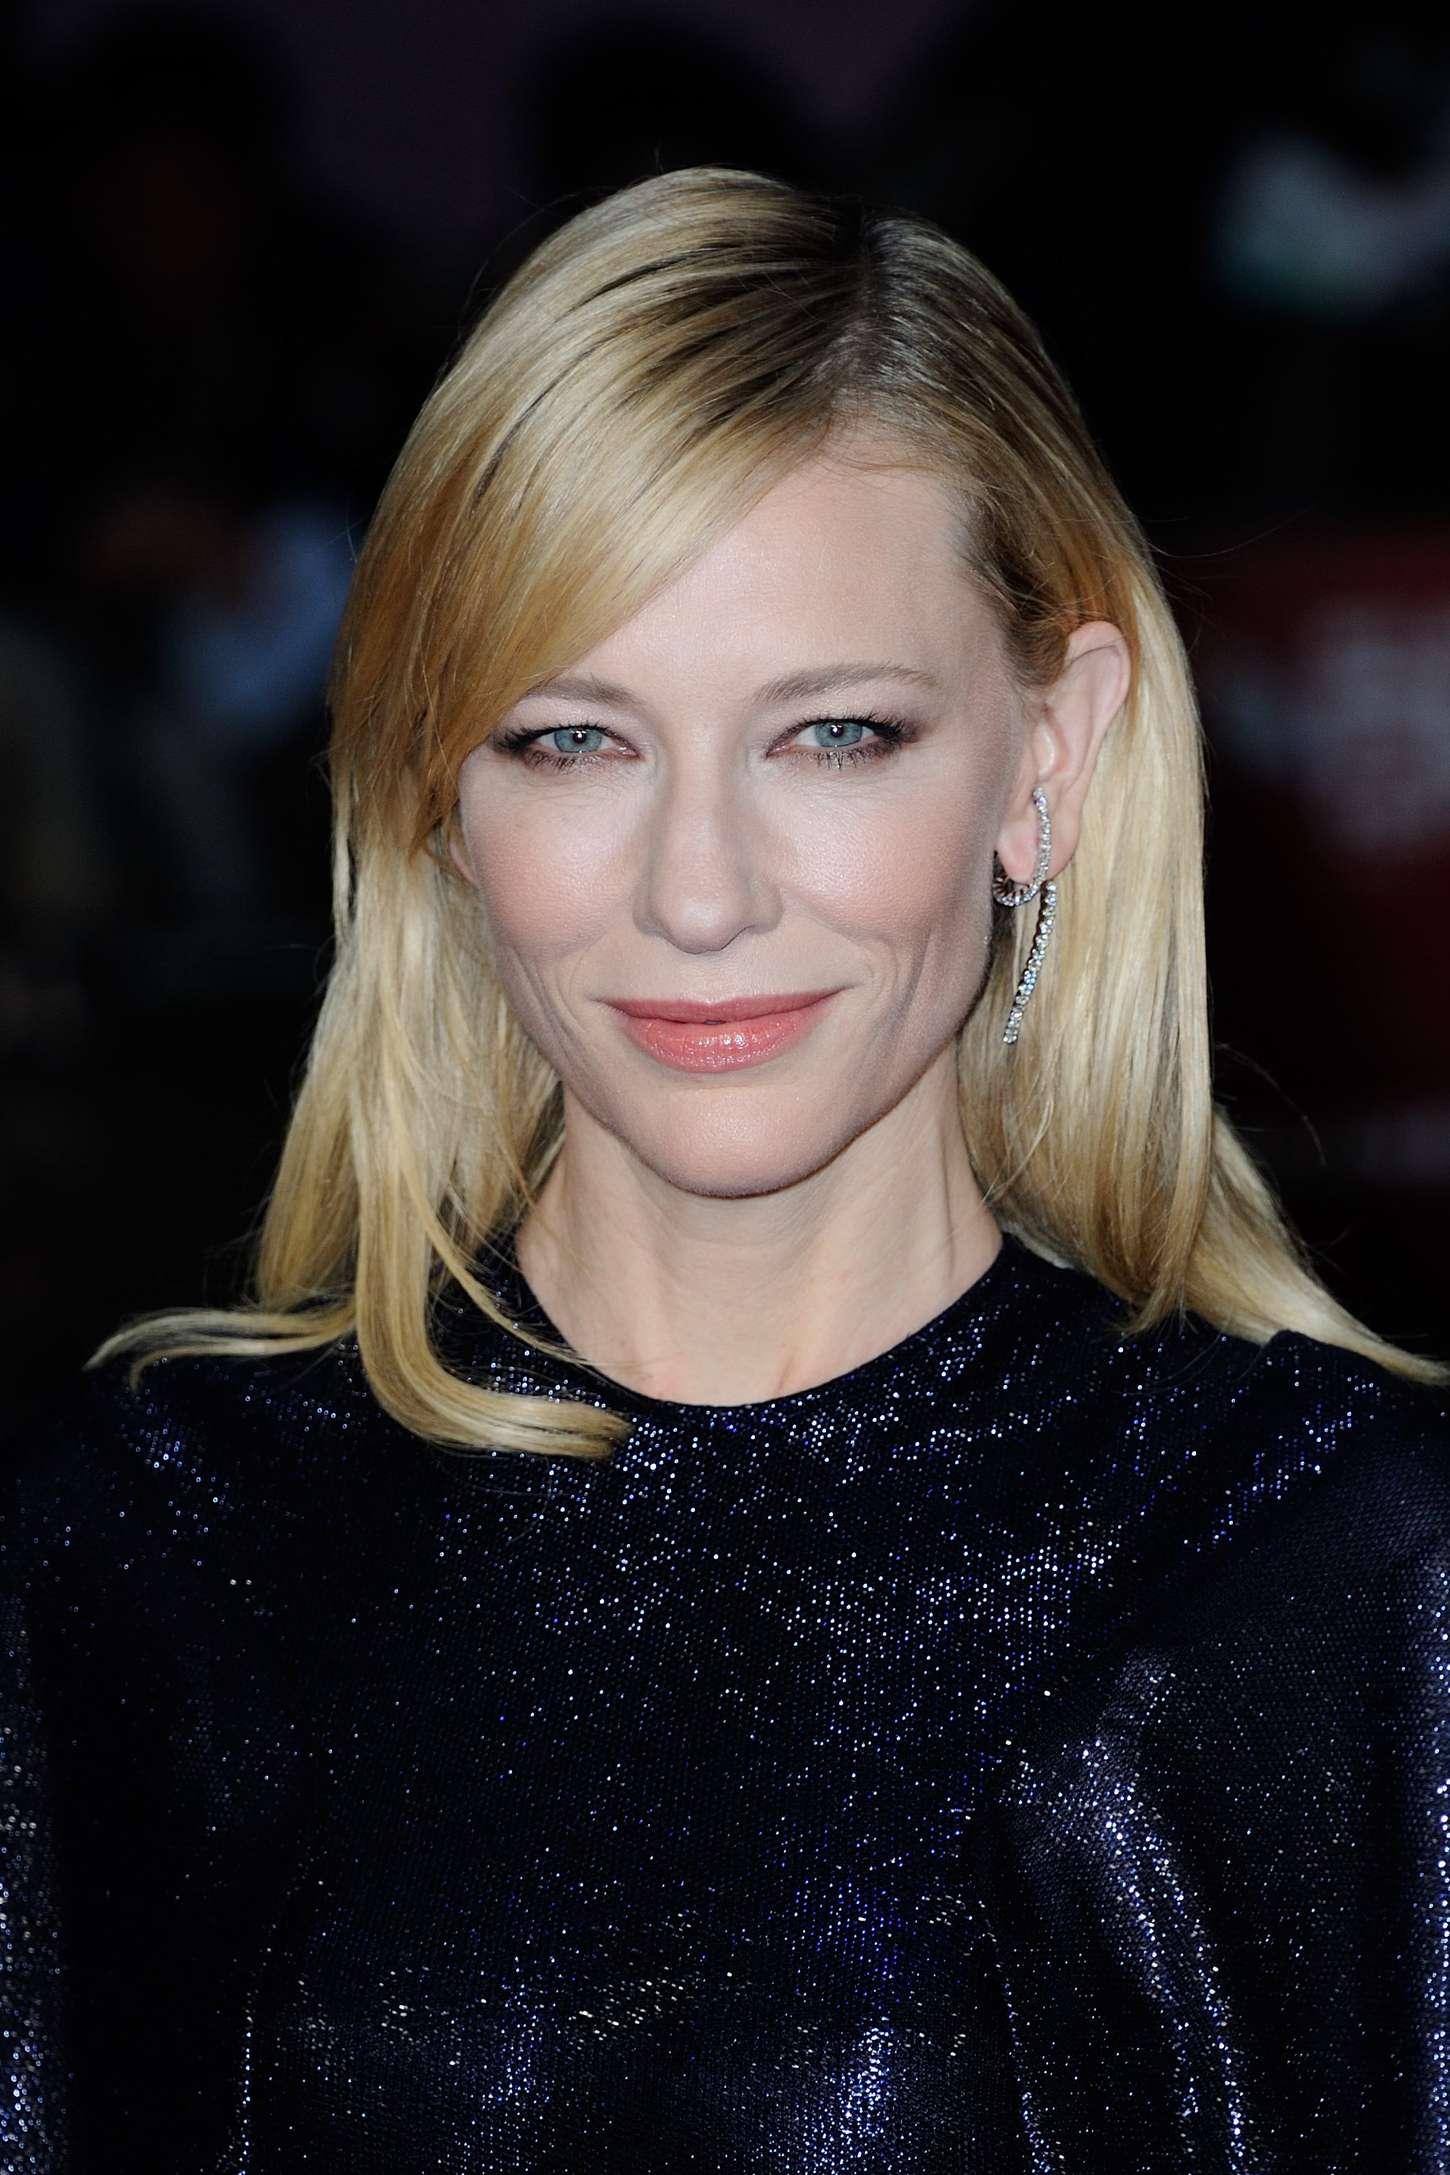 Cate Blanchett: Carol Screening -37 - GotCeleb Cate Blanchett